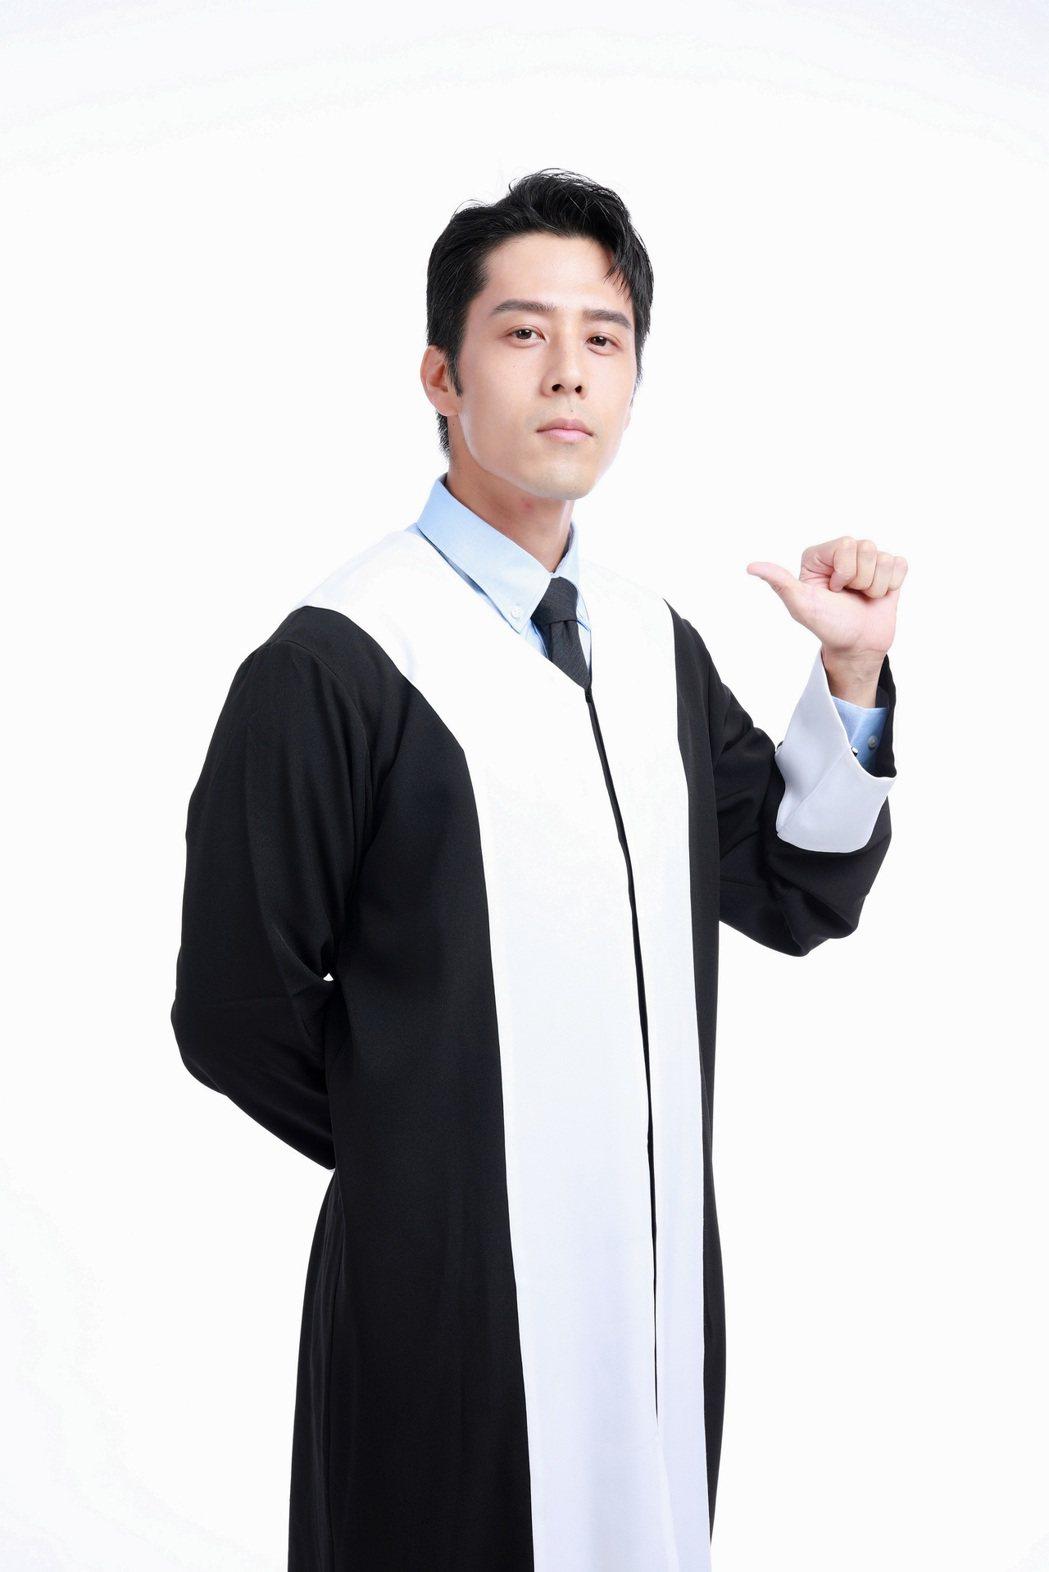 胡宇威為拍攝貼圖,再穿律師戲服直呼懷念。圖/東森提供